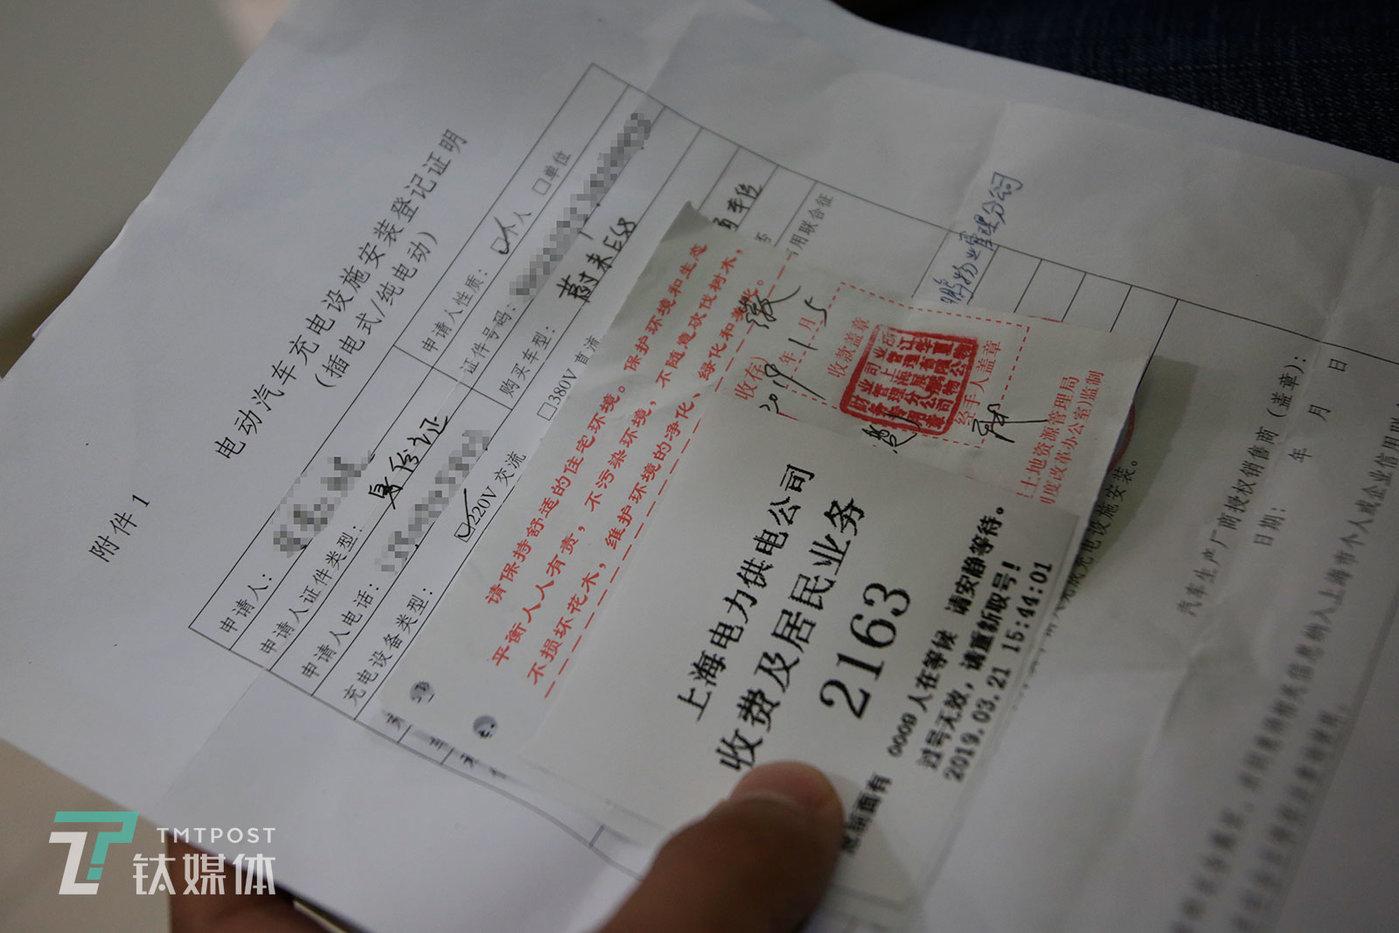 3月21日下午,刘坤带着一位车主的资料来到电力营业厅,如果顺利的话,两个工作日后电力工人会上门为车主安装新能源充电桩电表。然而,由于物业方面开具的固定车位证明不合格,刘坤要再跑一趟物业。